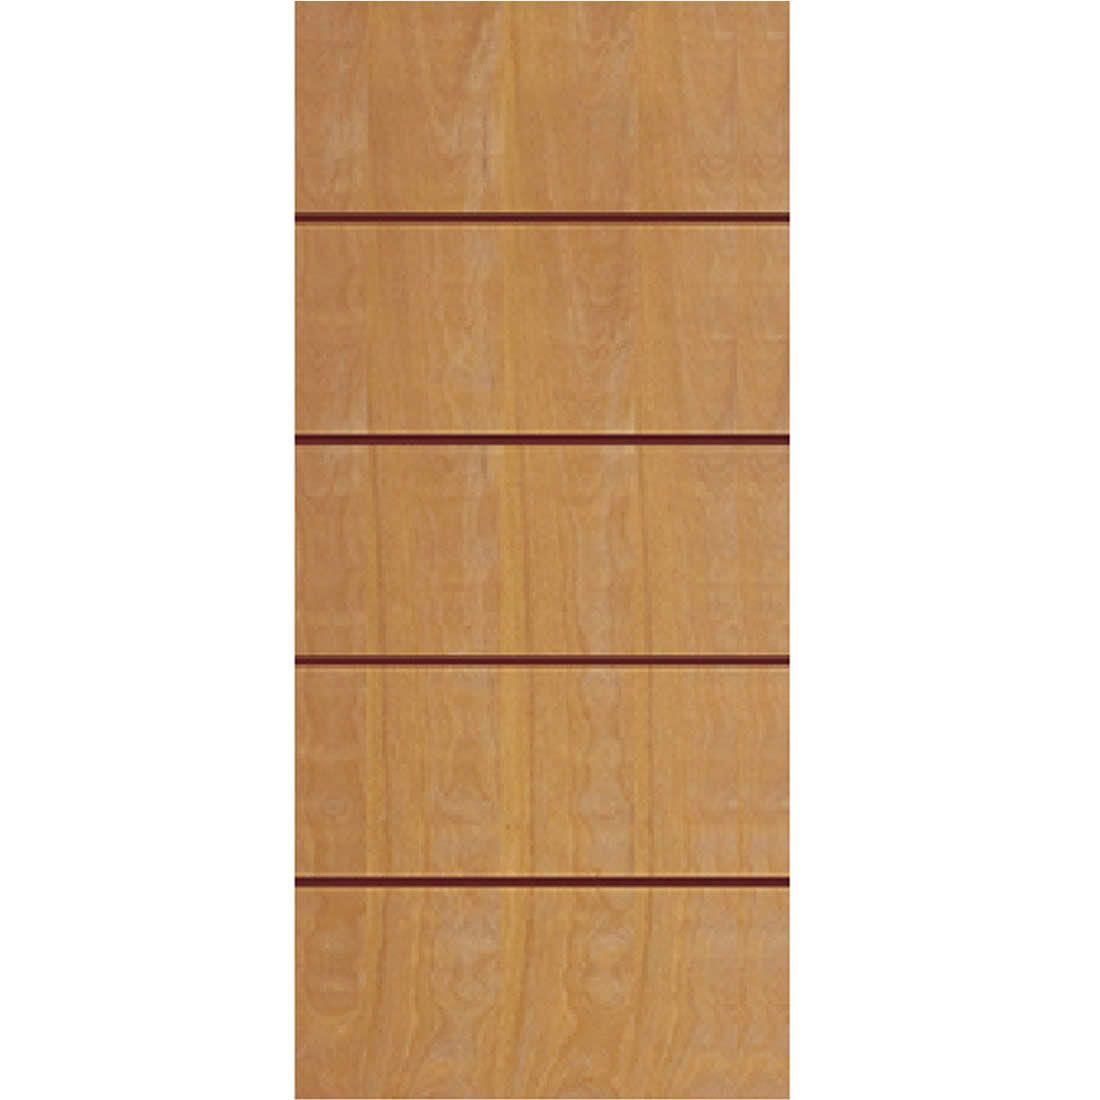 Porta 2,10 x 0,90m em Madeira Curupixa Semi Sólida Modelo 02 Frisada JB Paes